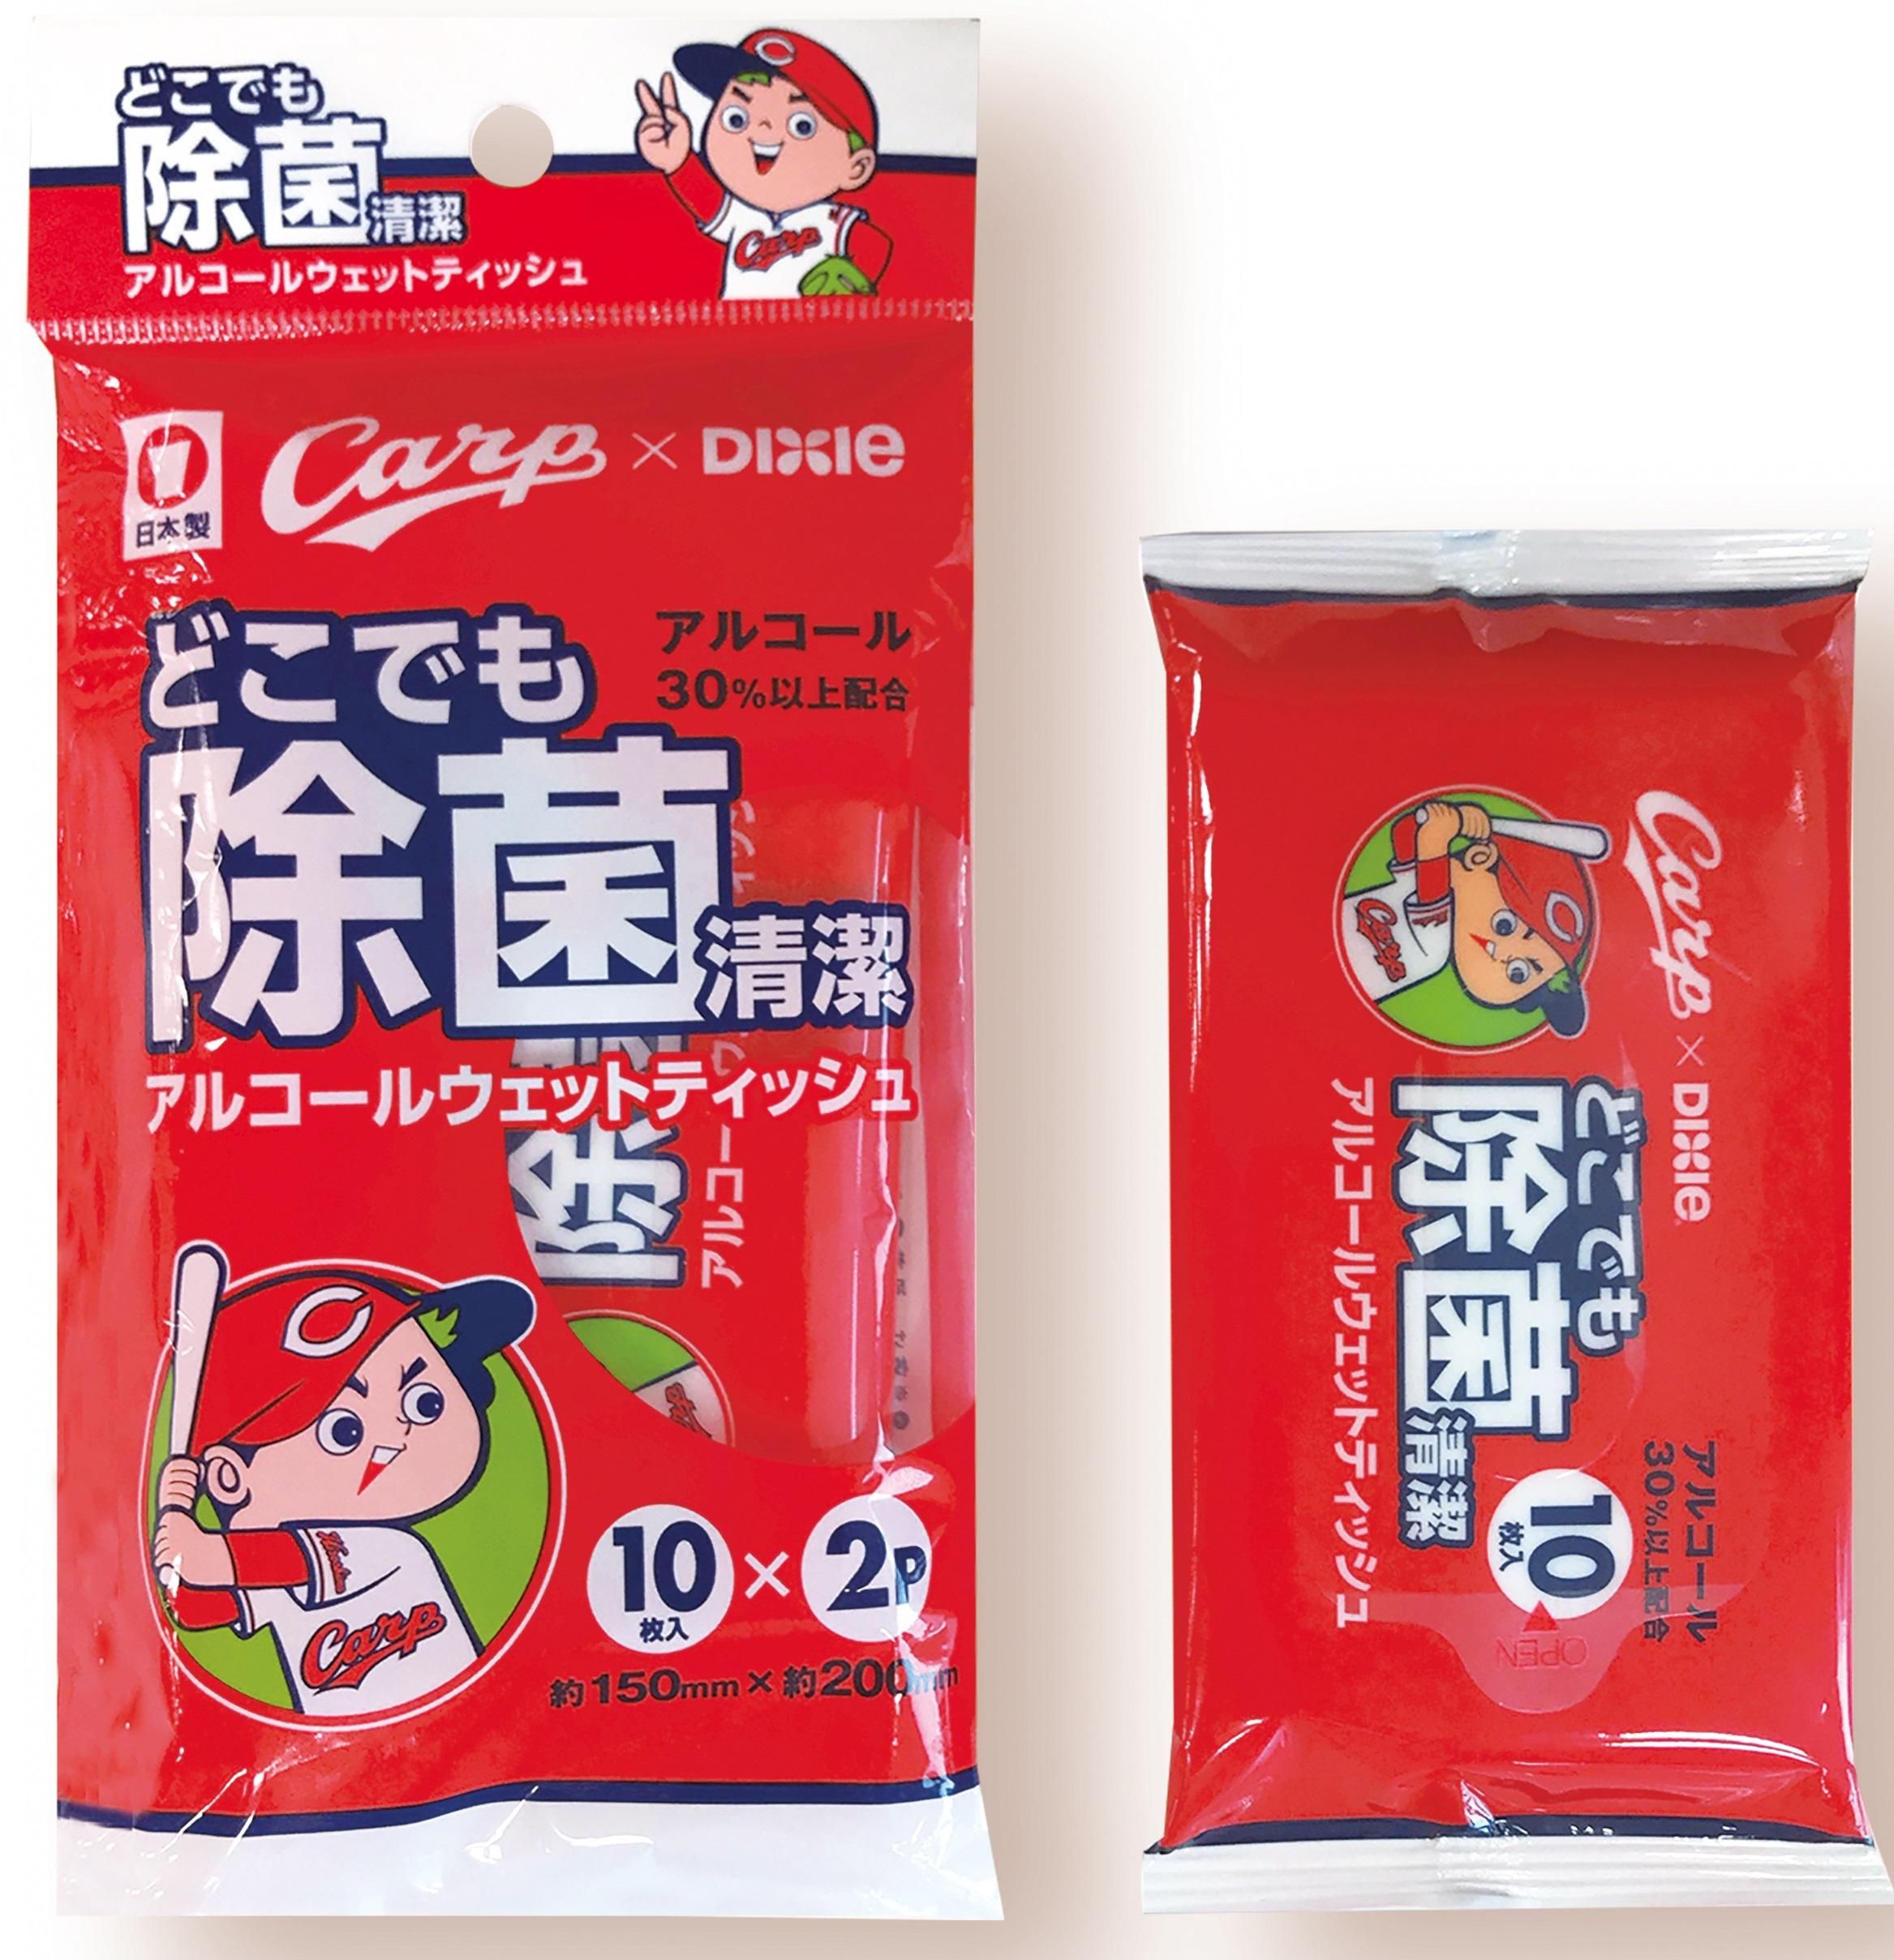 広島カープどこでも除菌アルコールウェットティッシュ10枚×2個入り